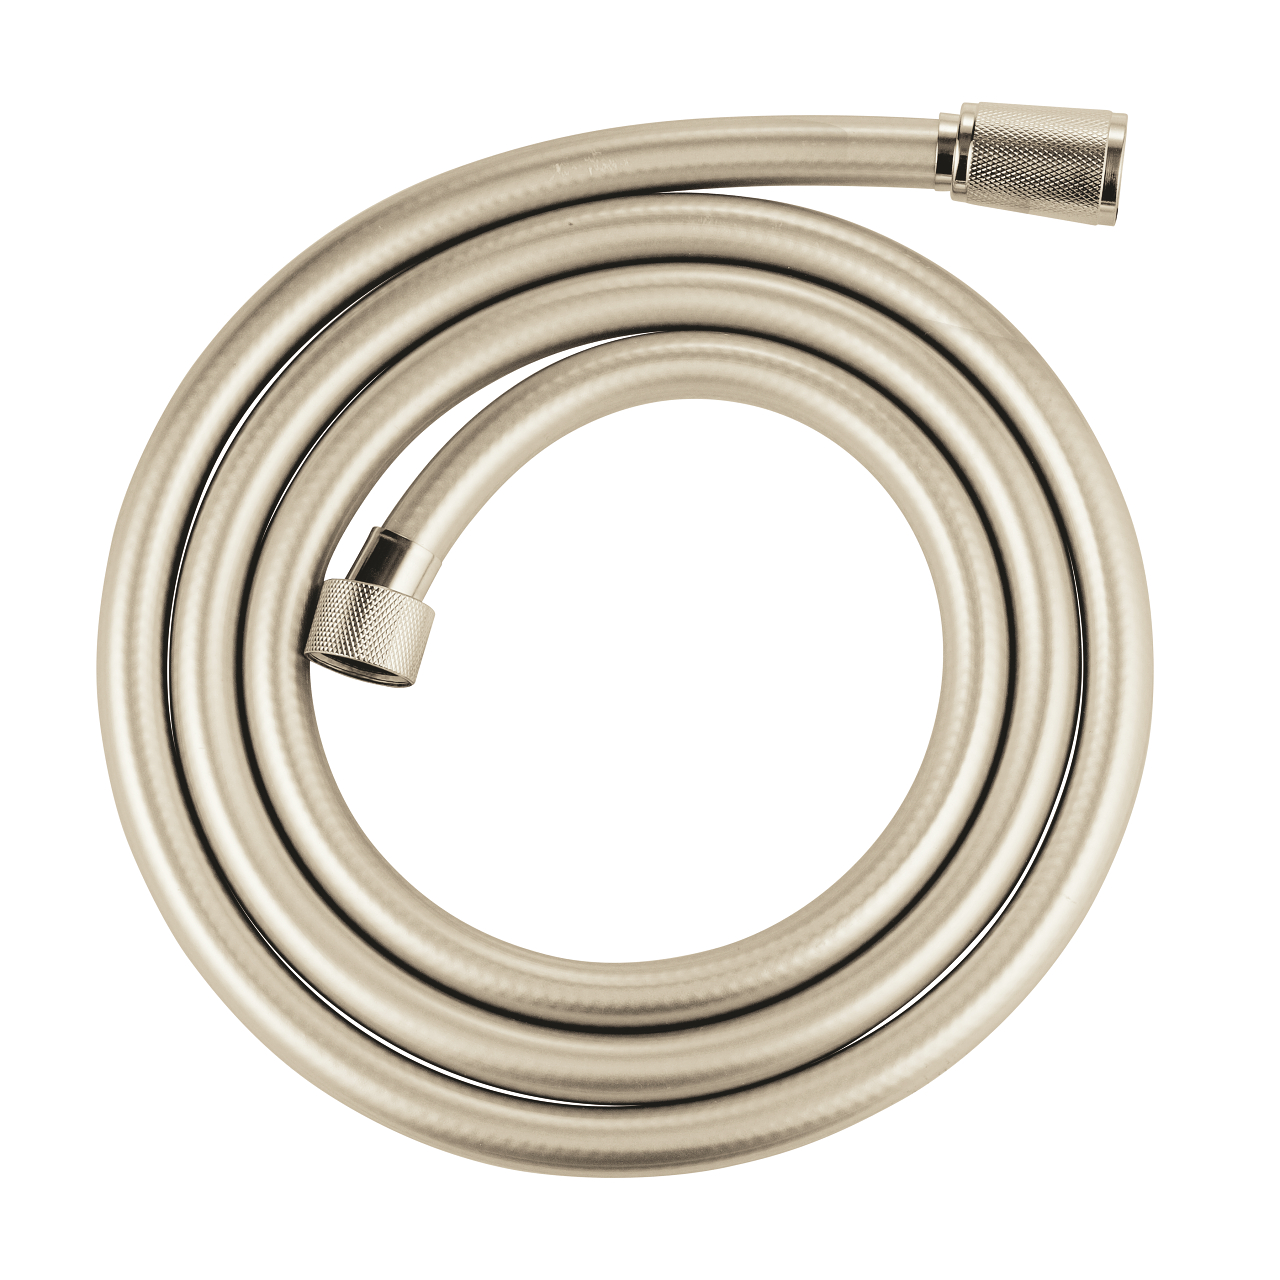 Wąż prysznicowy Grohe Silverflex Twistfree 1750 polished nickel 28388BE0 .